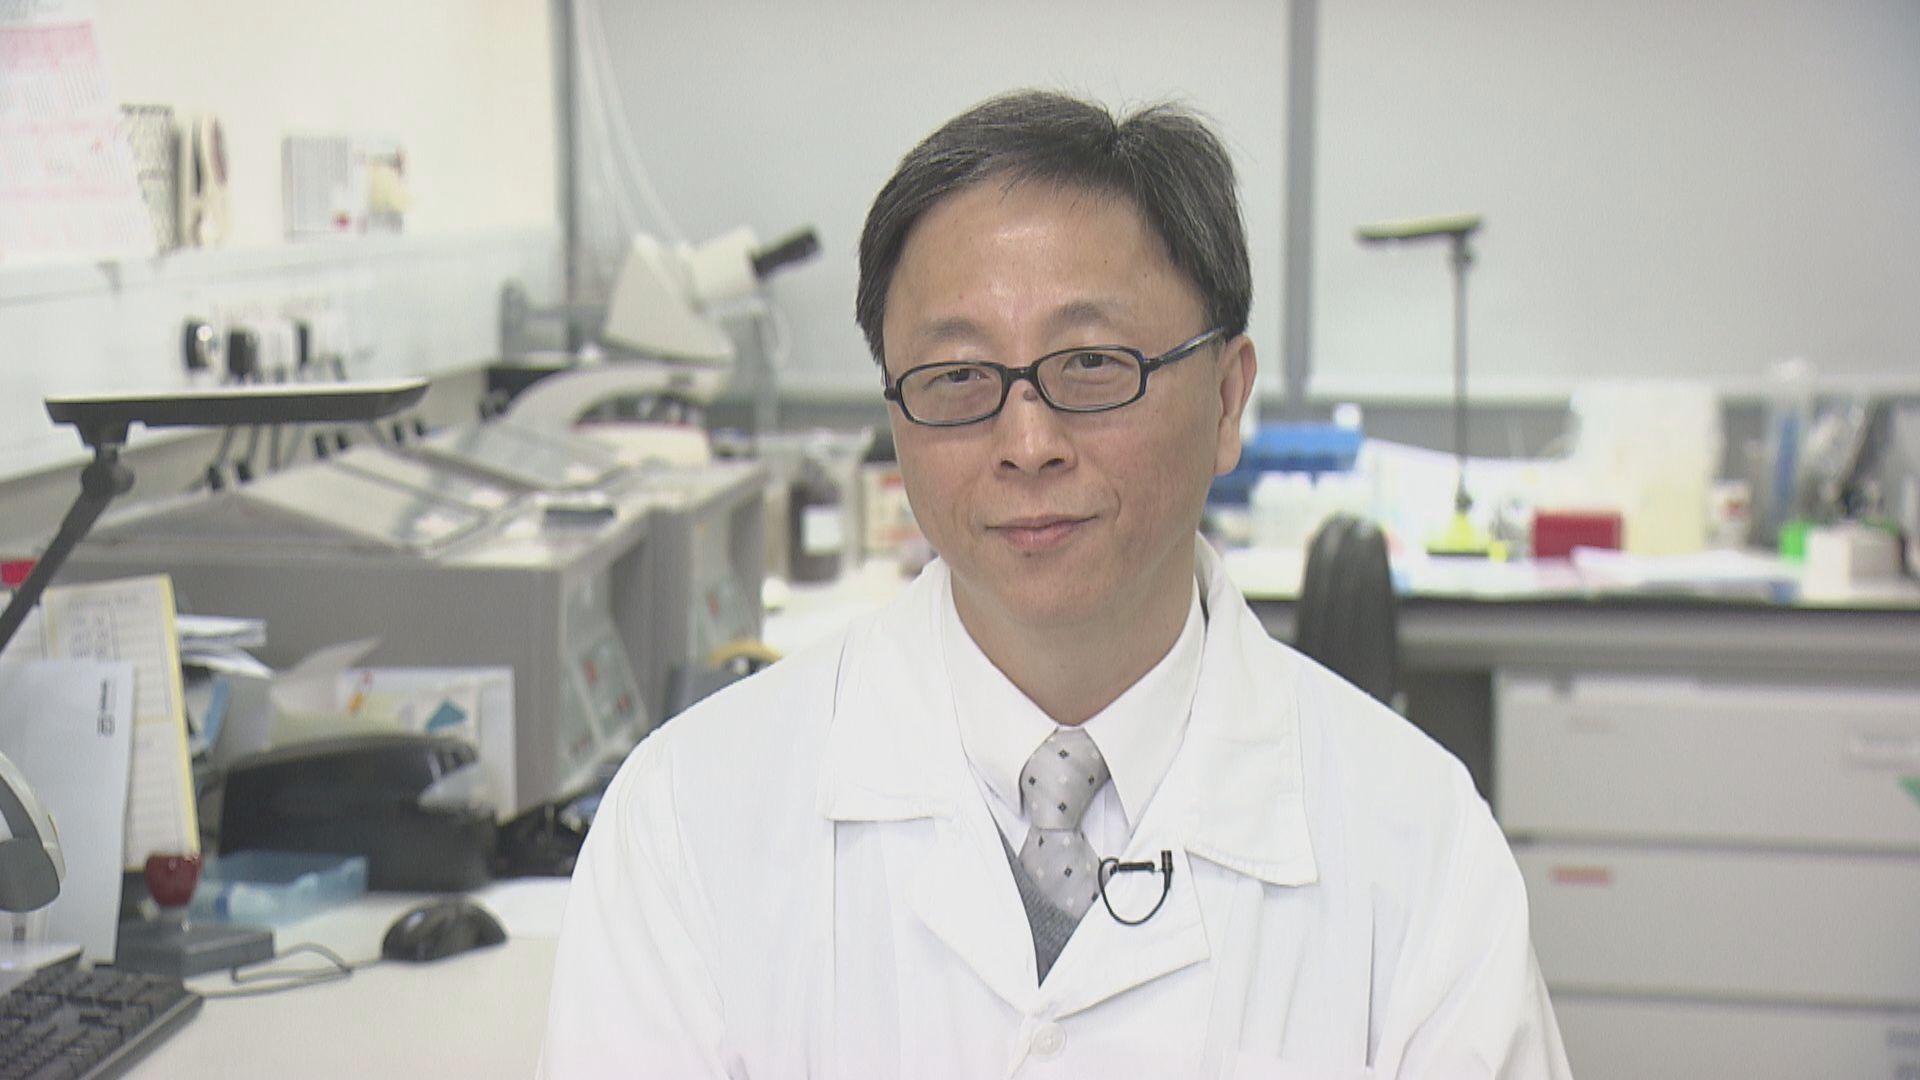 【專家貼士】接種新冠疫苗要注意甚麼? 何栢良醫生提提大家